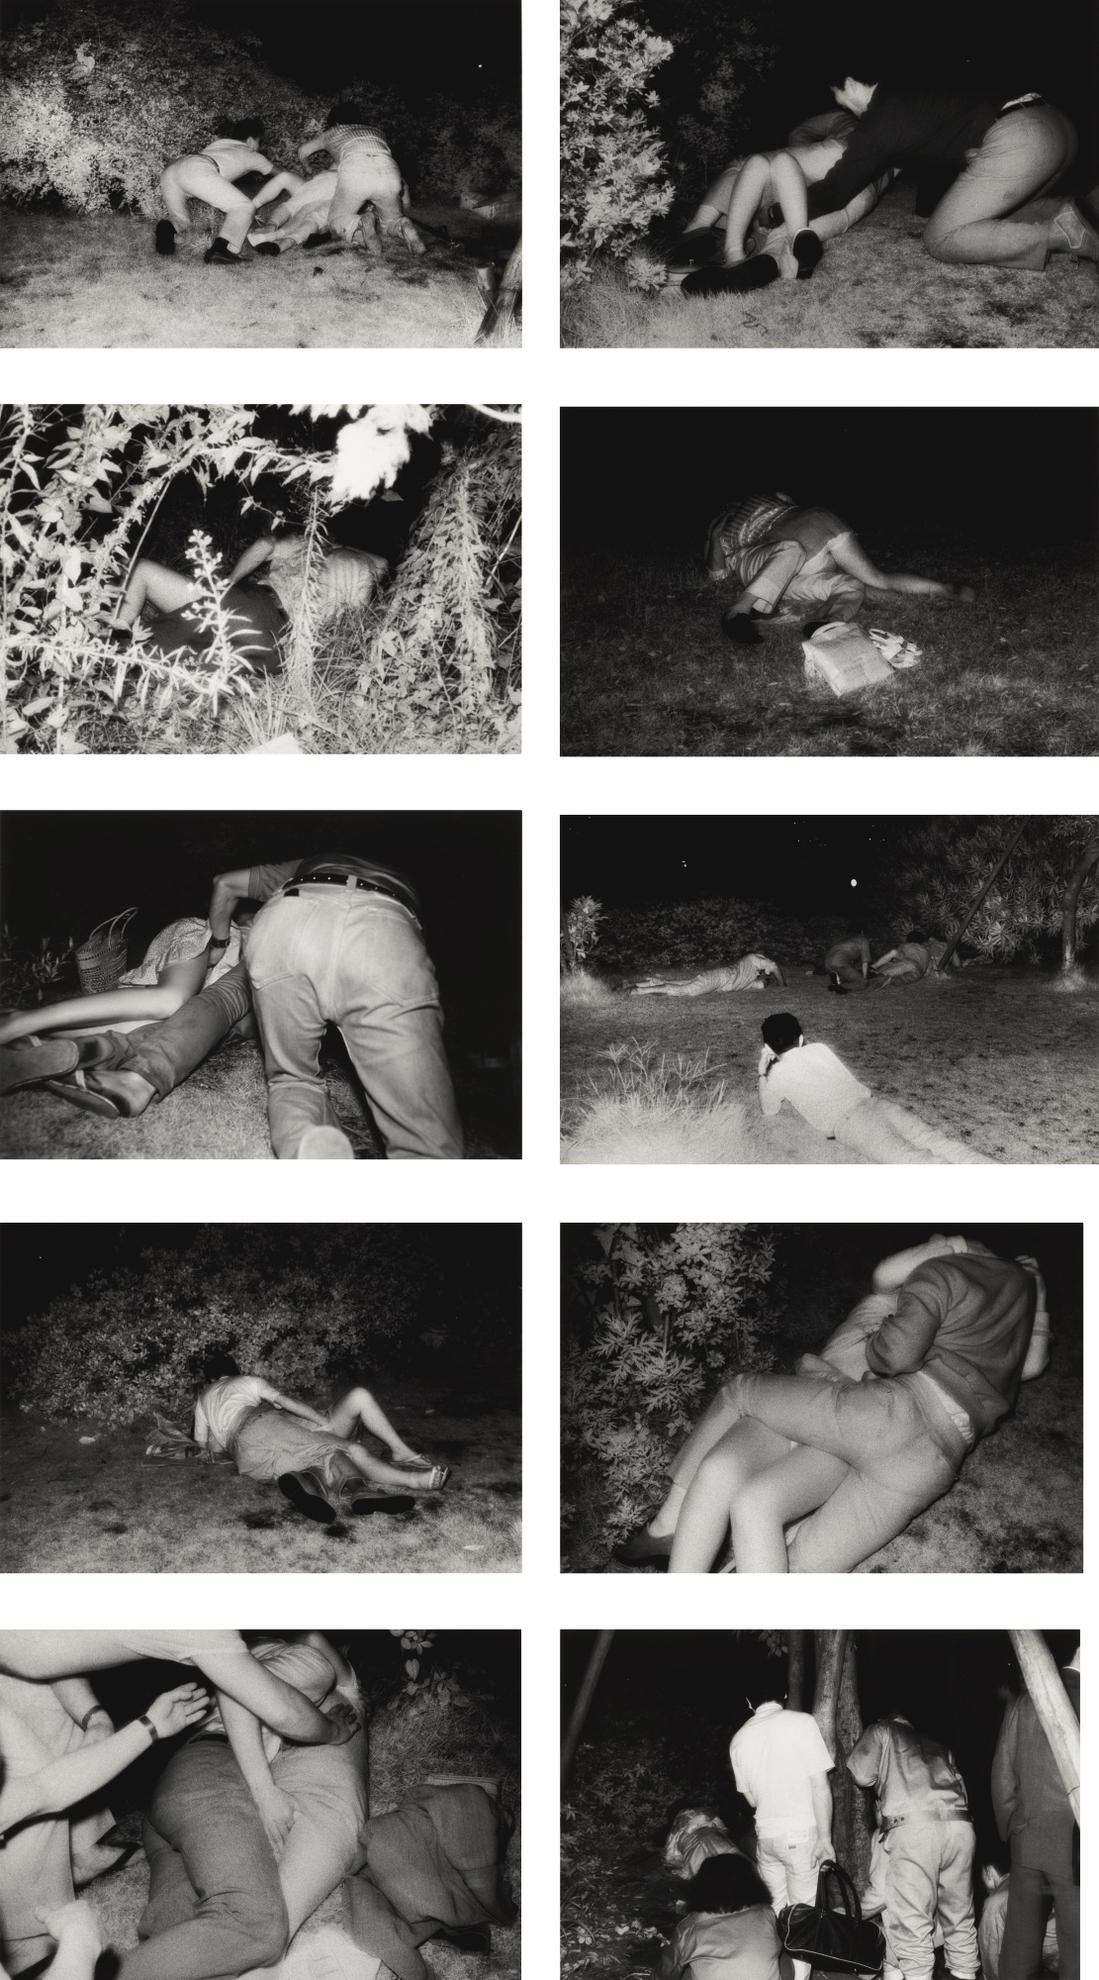 Kohei Yoshiyuki - The Park-1973